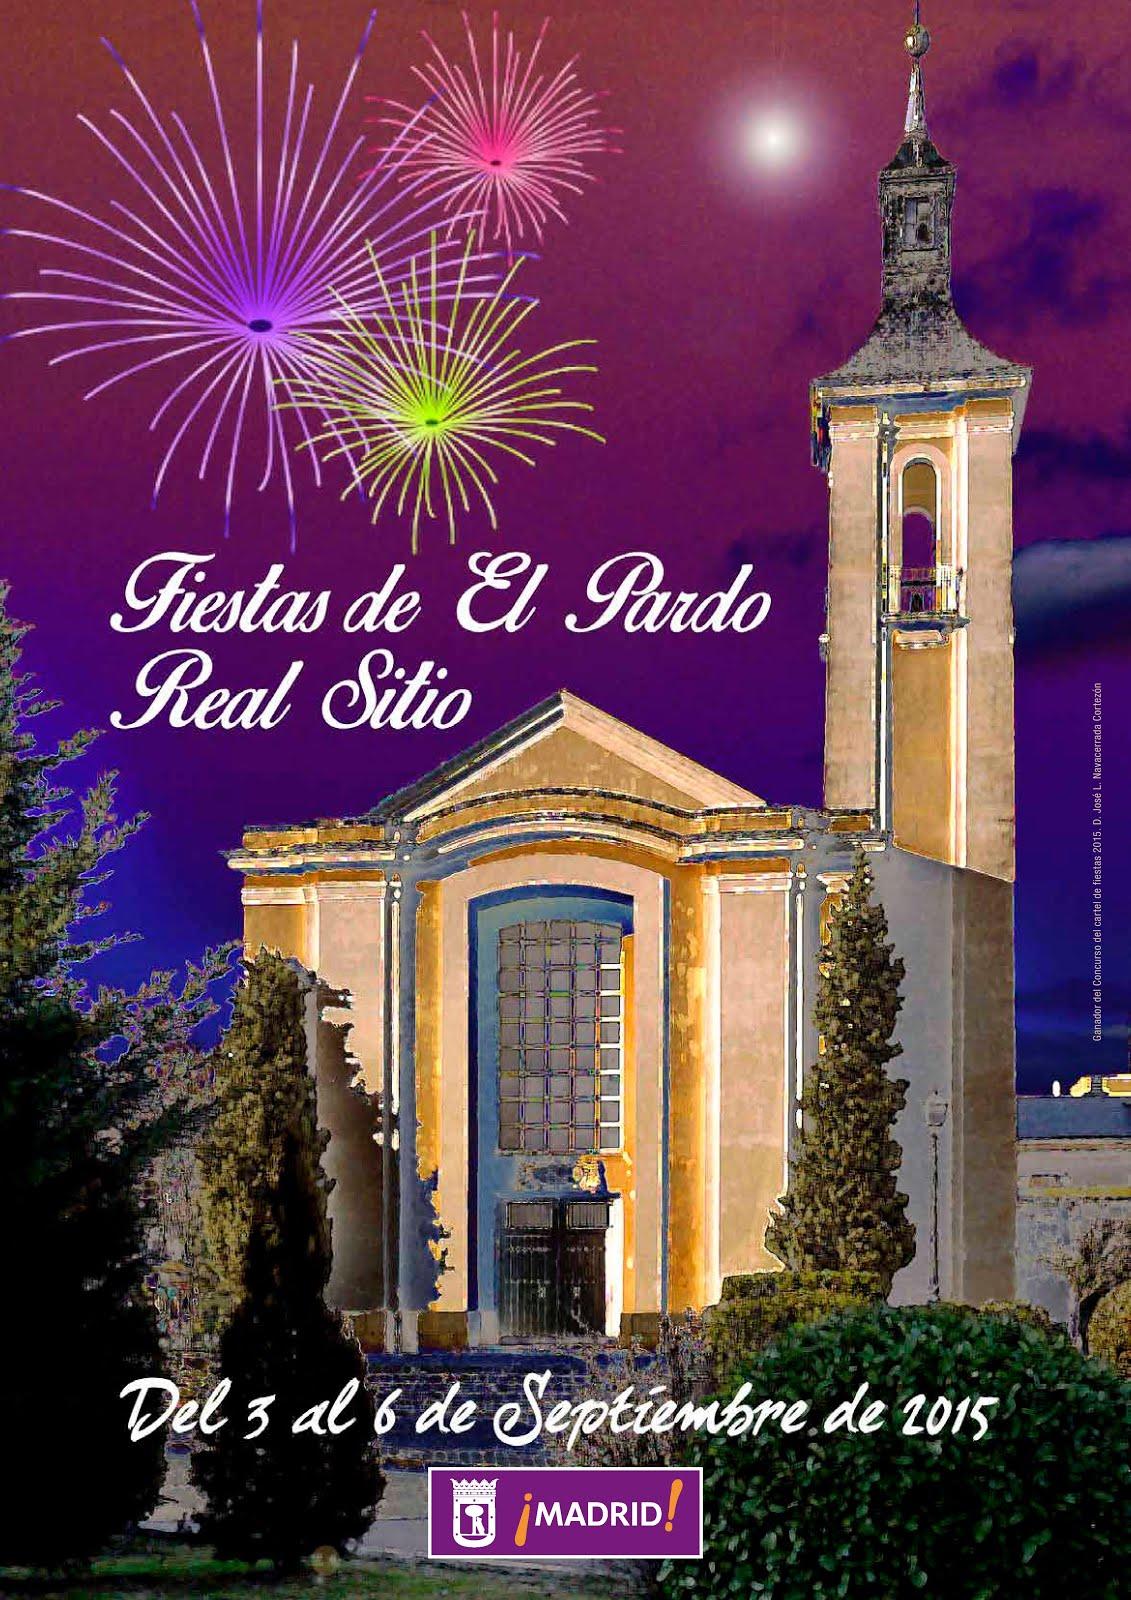 Fiestas 2015 en El Pardo